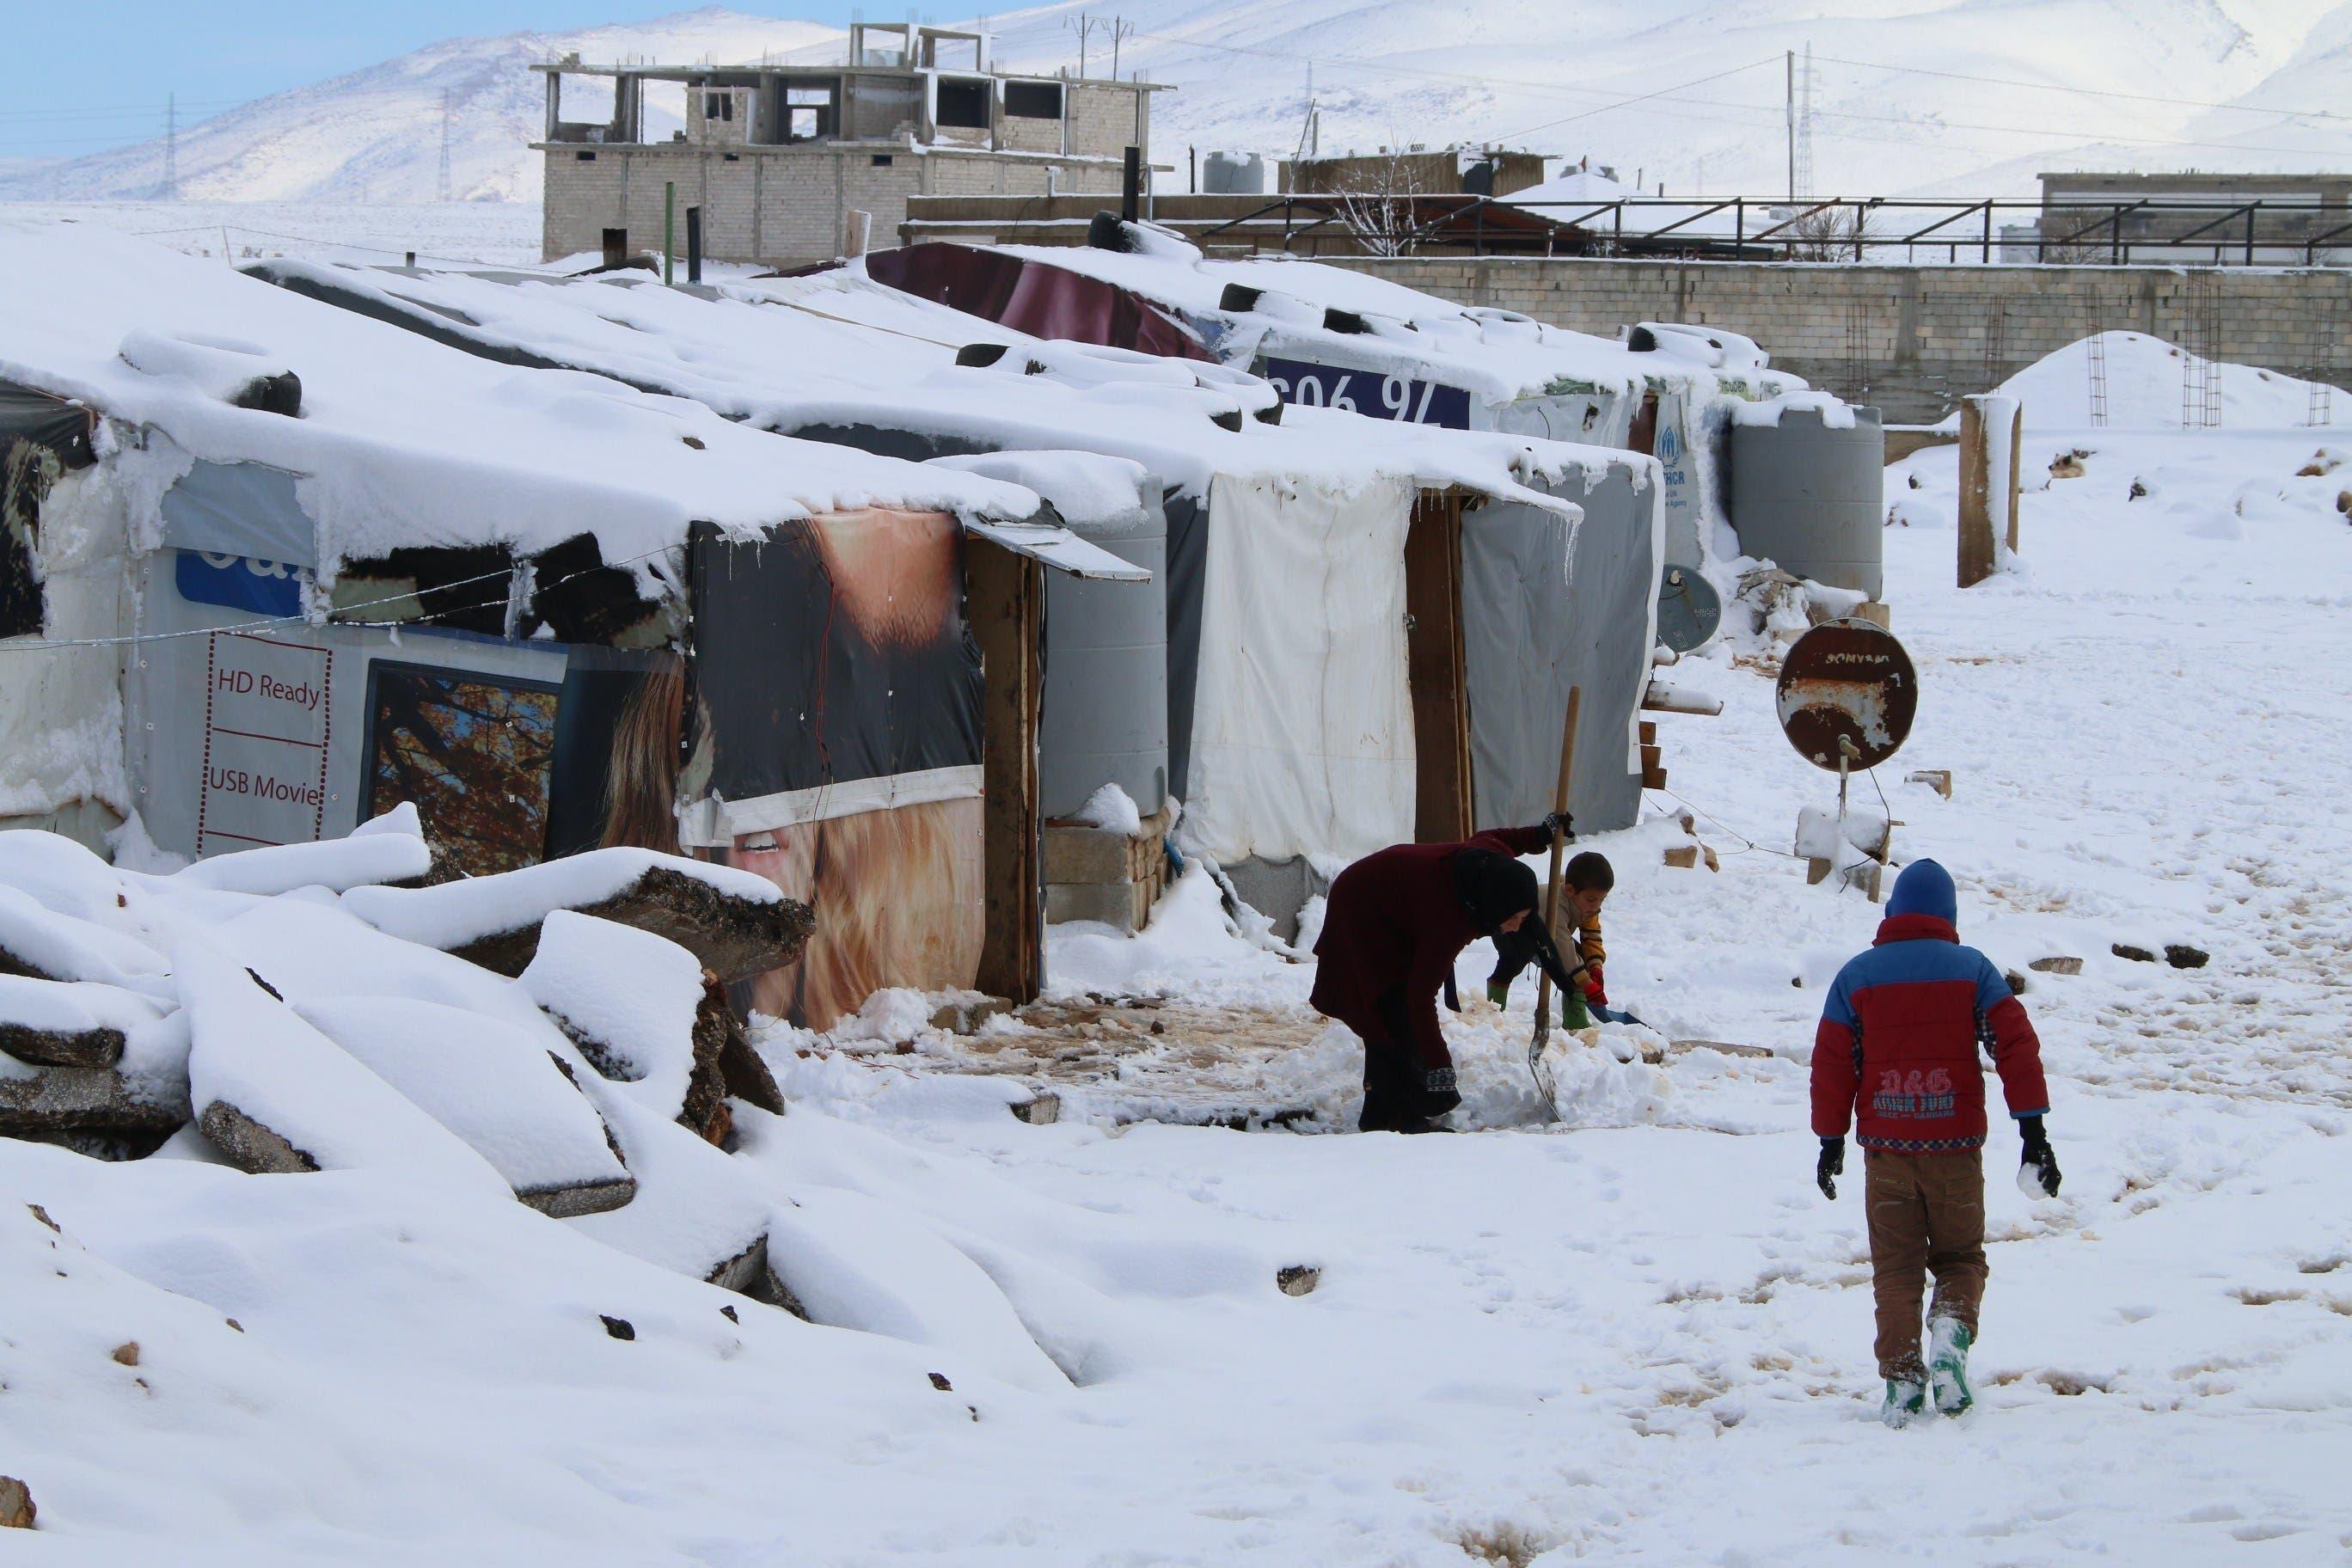 العاصفة الثلجية تجتاح خيام اللاجئين 8cbf05f8-3498-40d9-b6ed-65d716b503db.jpg